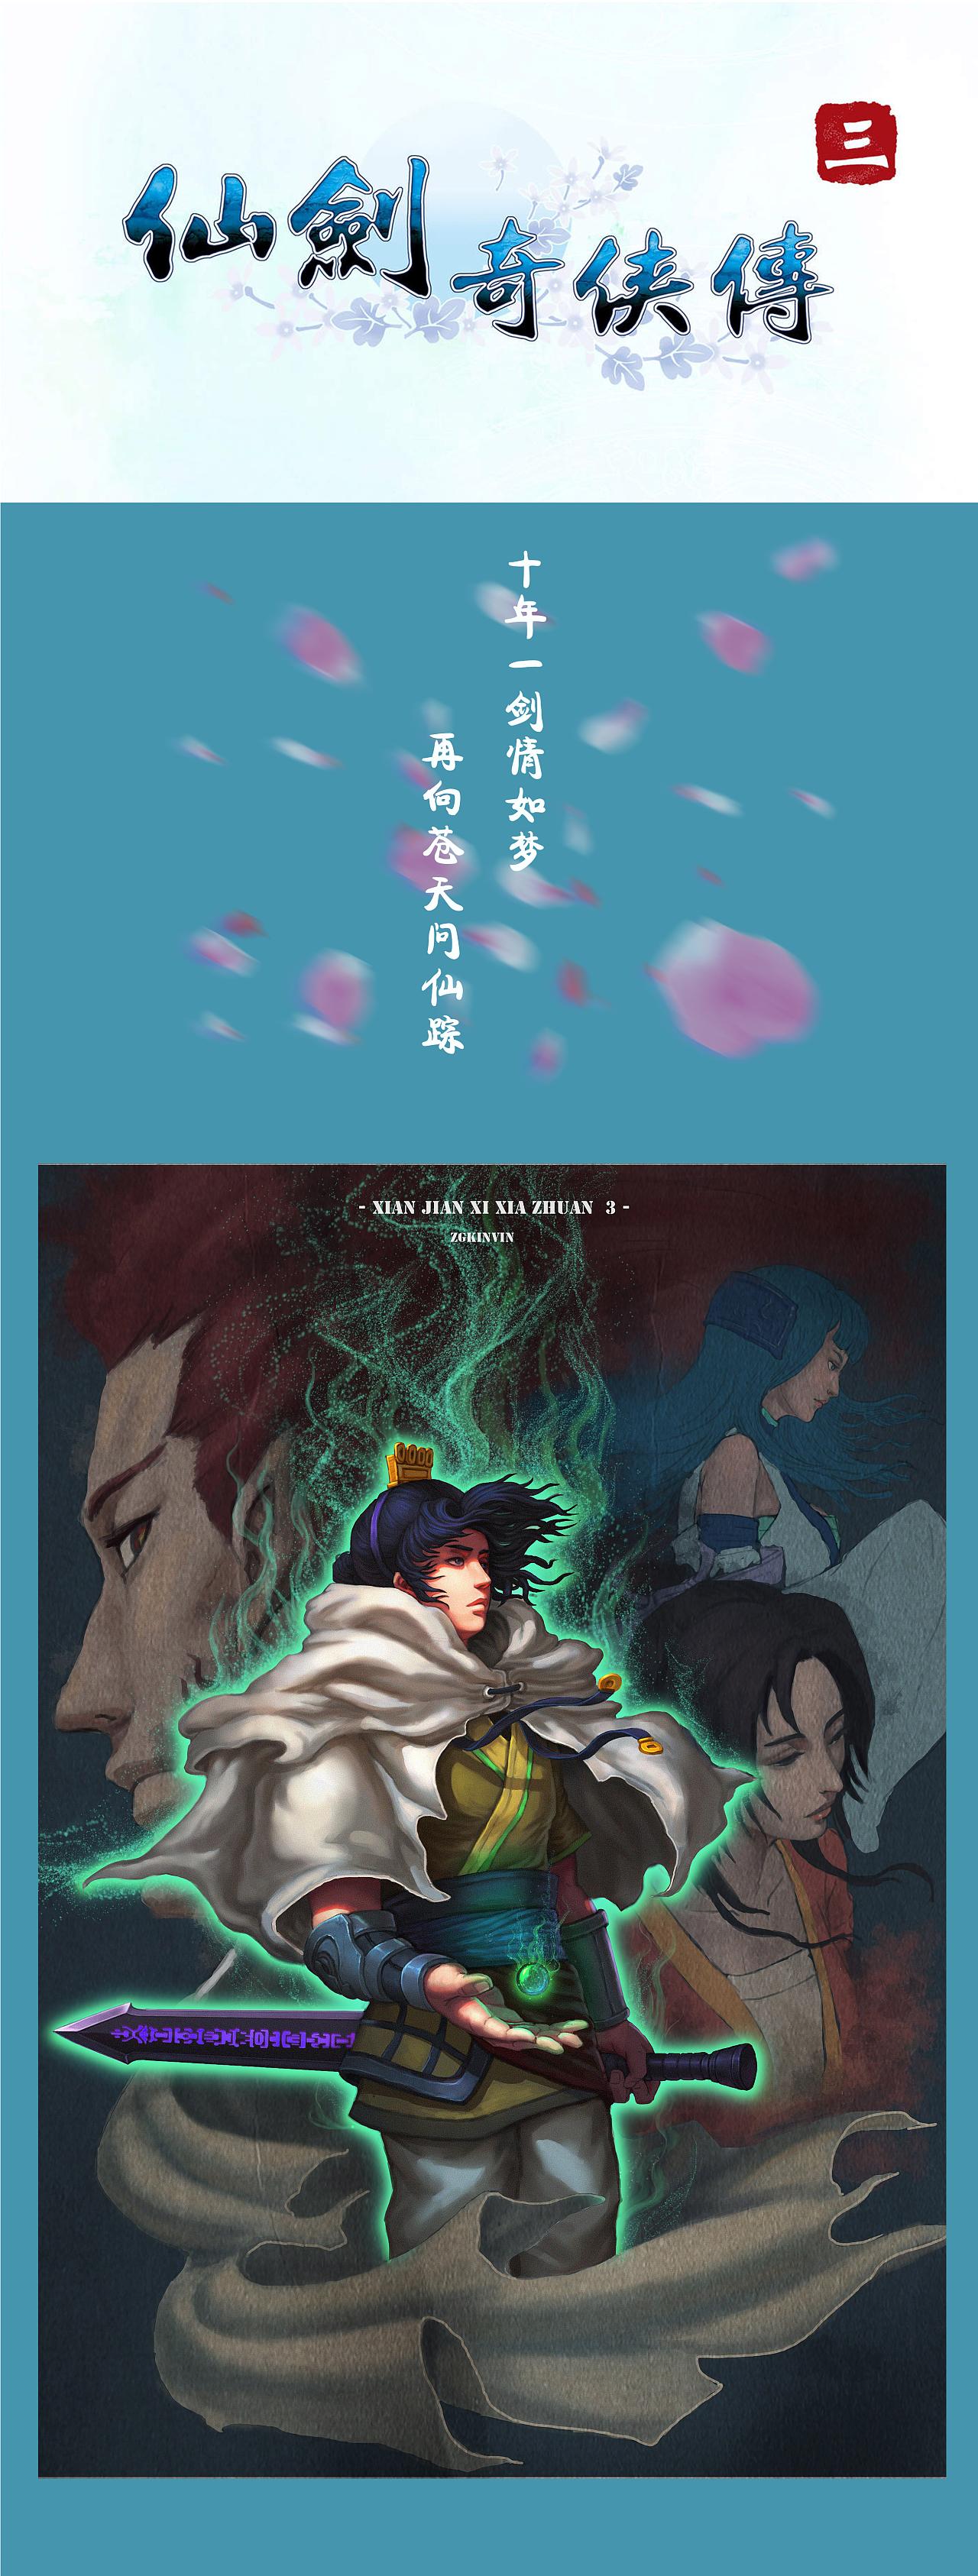 仙剑问情��g,9f_仙剑问情